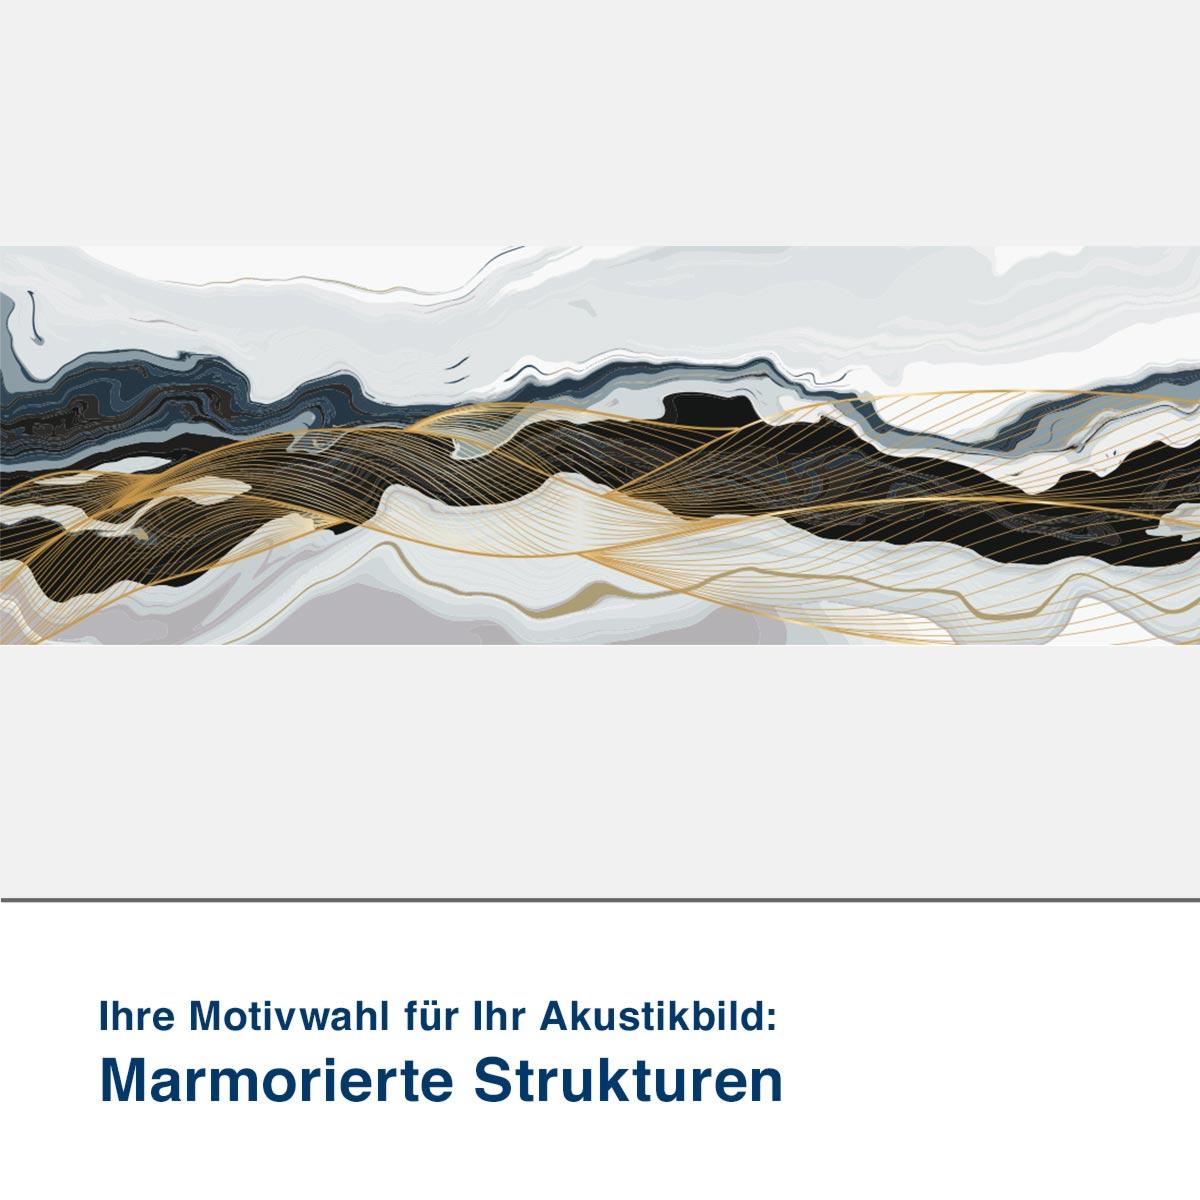 Akustikbild Motiv Marmorierte Strukturen